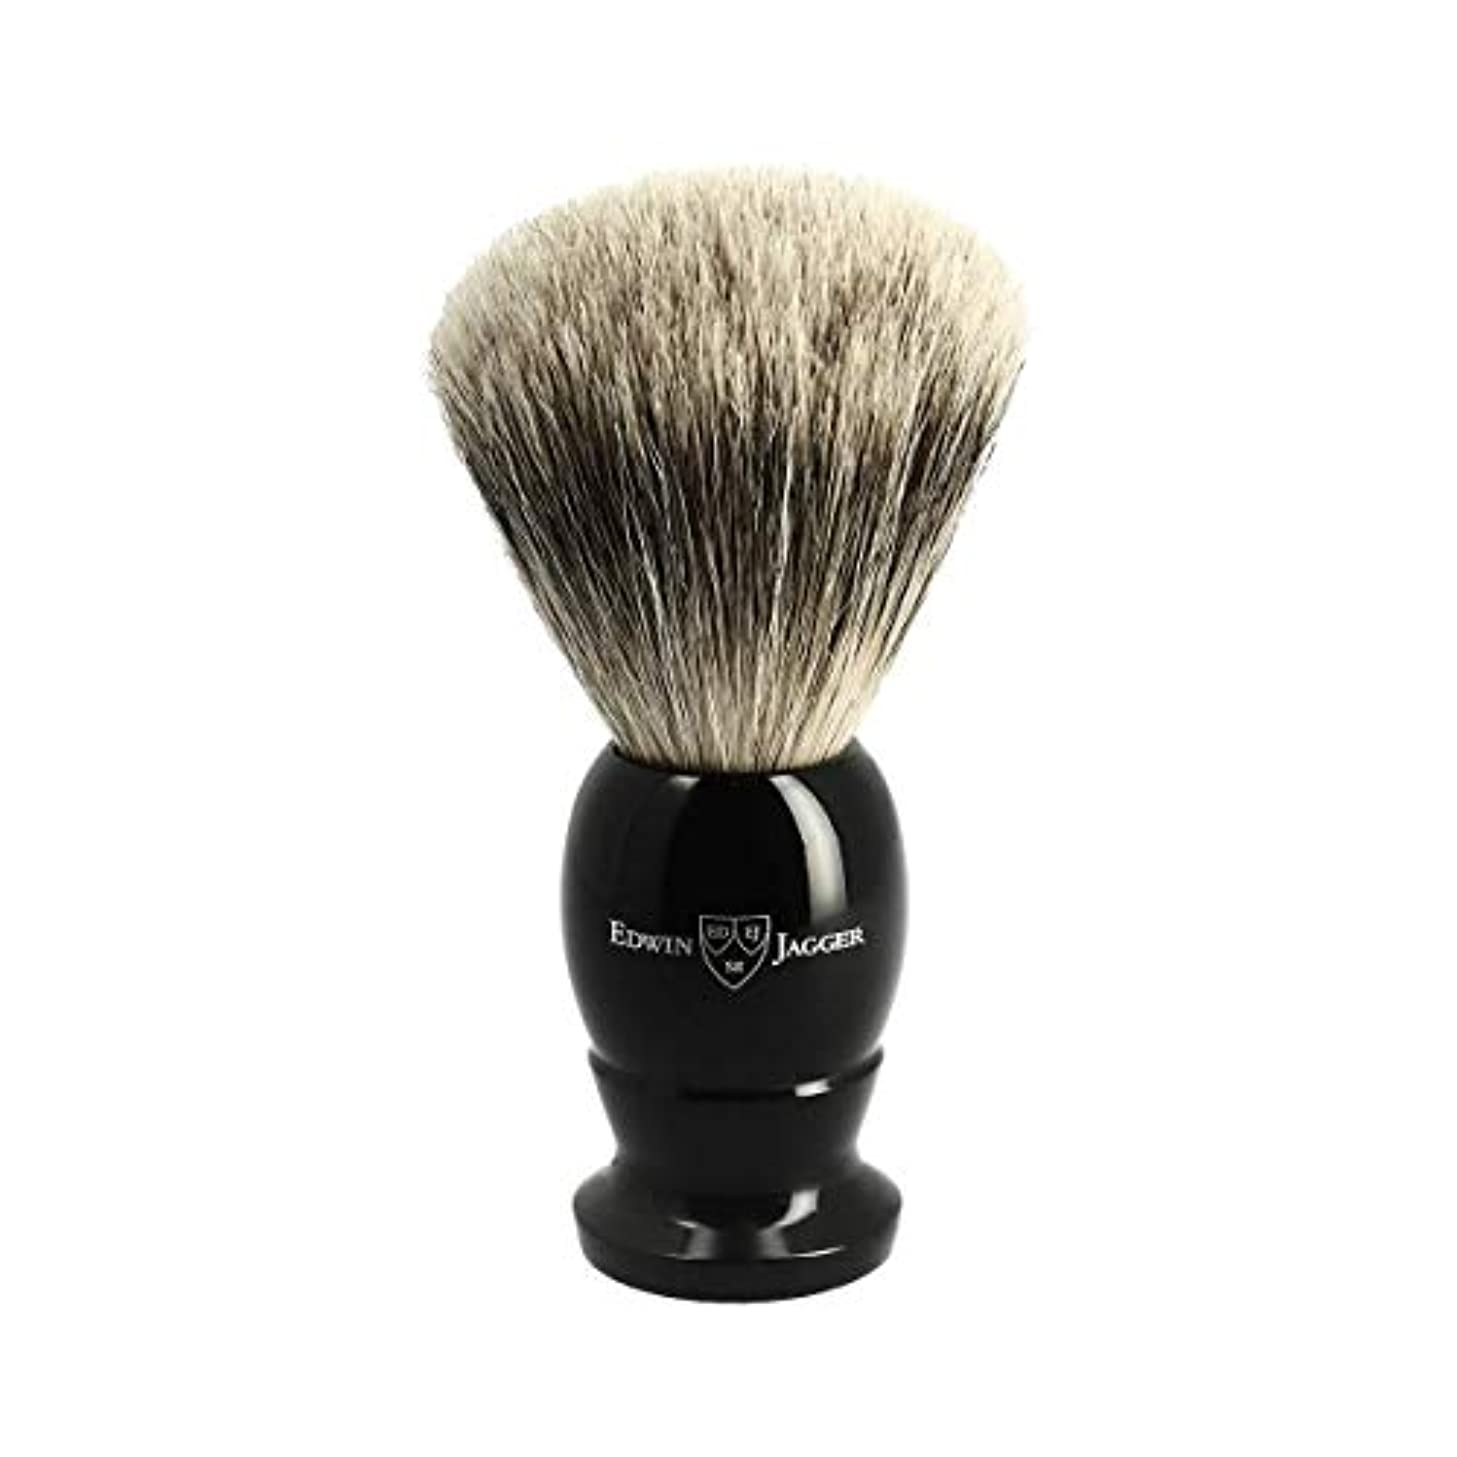 トーン吐く腹エドウィンジャガー ベストバッジャーアナグマ毛 エボニーシェービングブラシ大3EJ876[海外直送品]Edwin Jagger Best Badger Ebony Shaving Brush Large 3EJ876 [...